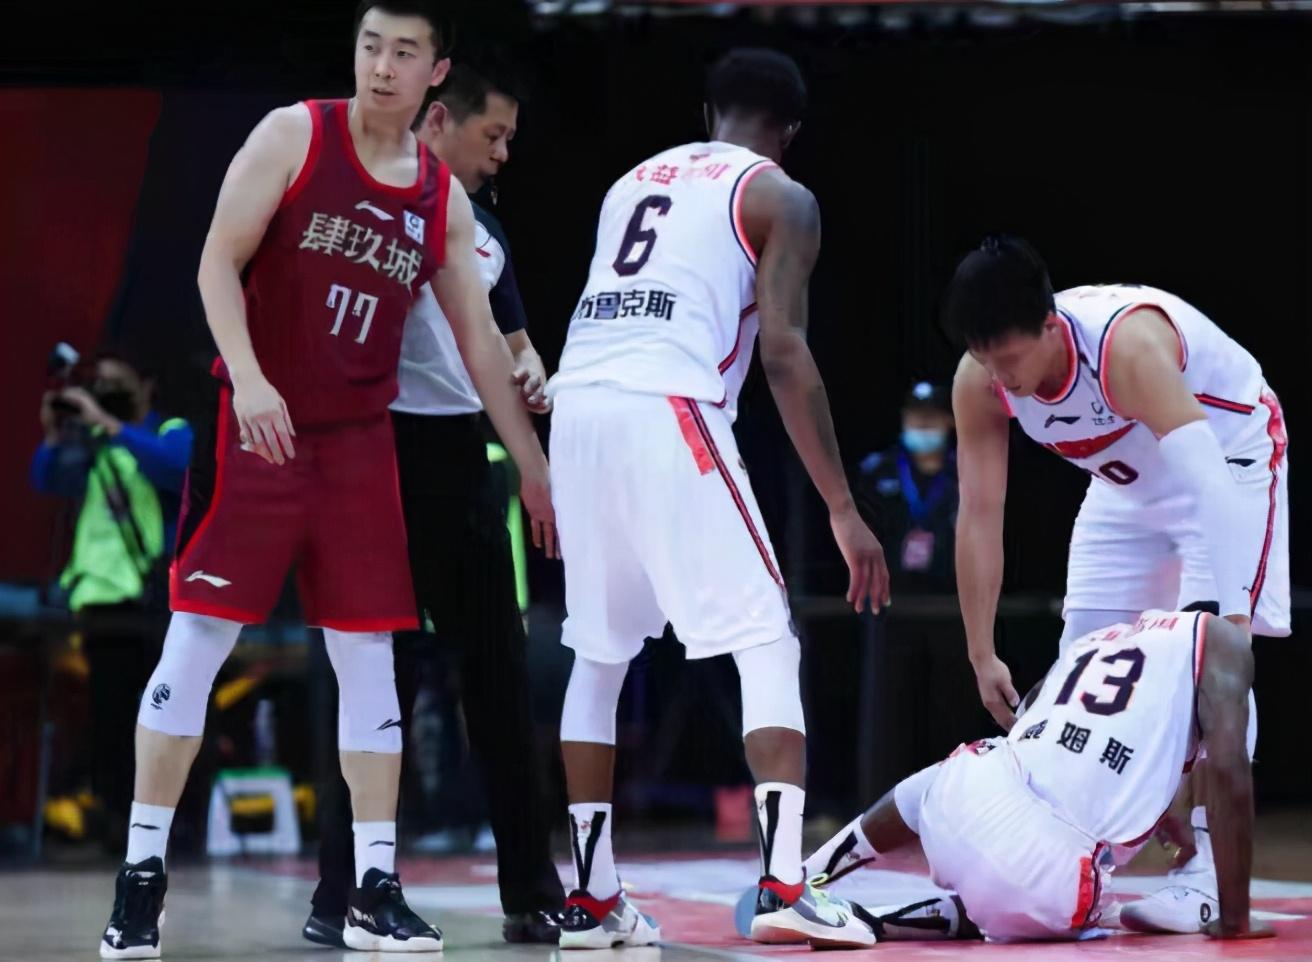 终有北京媒体人炮轰王骁辉了,资深记者批王骁辉和首钢输球又输人